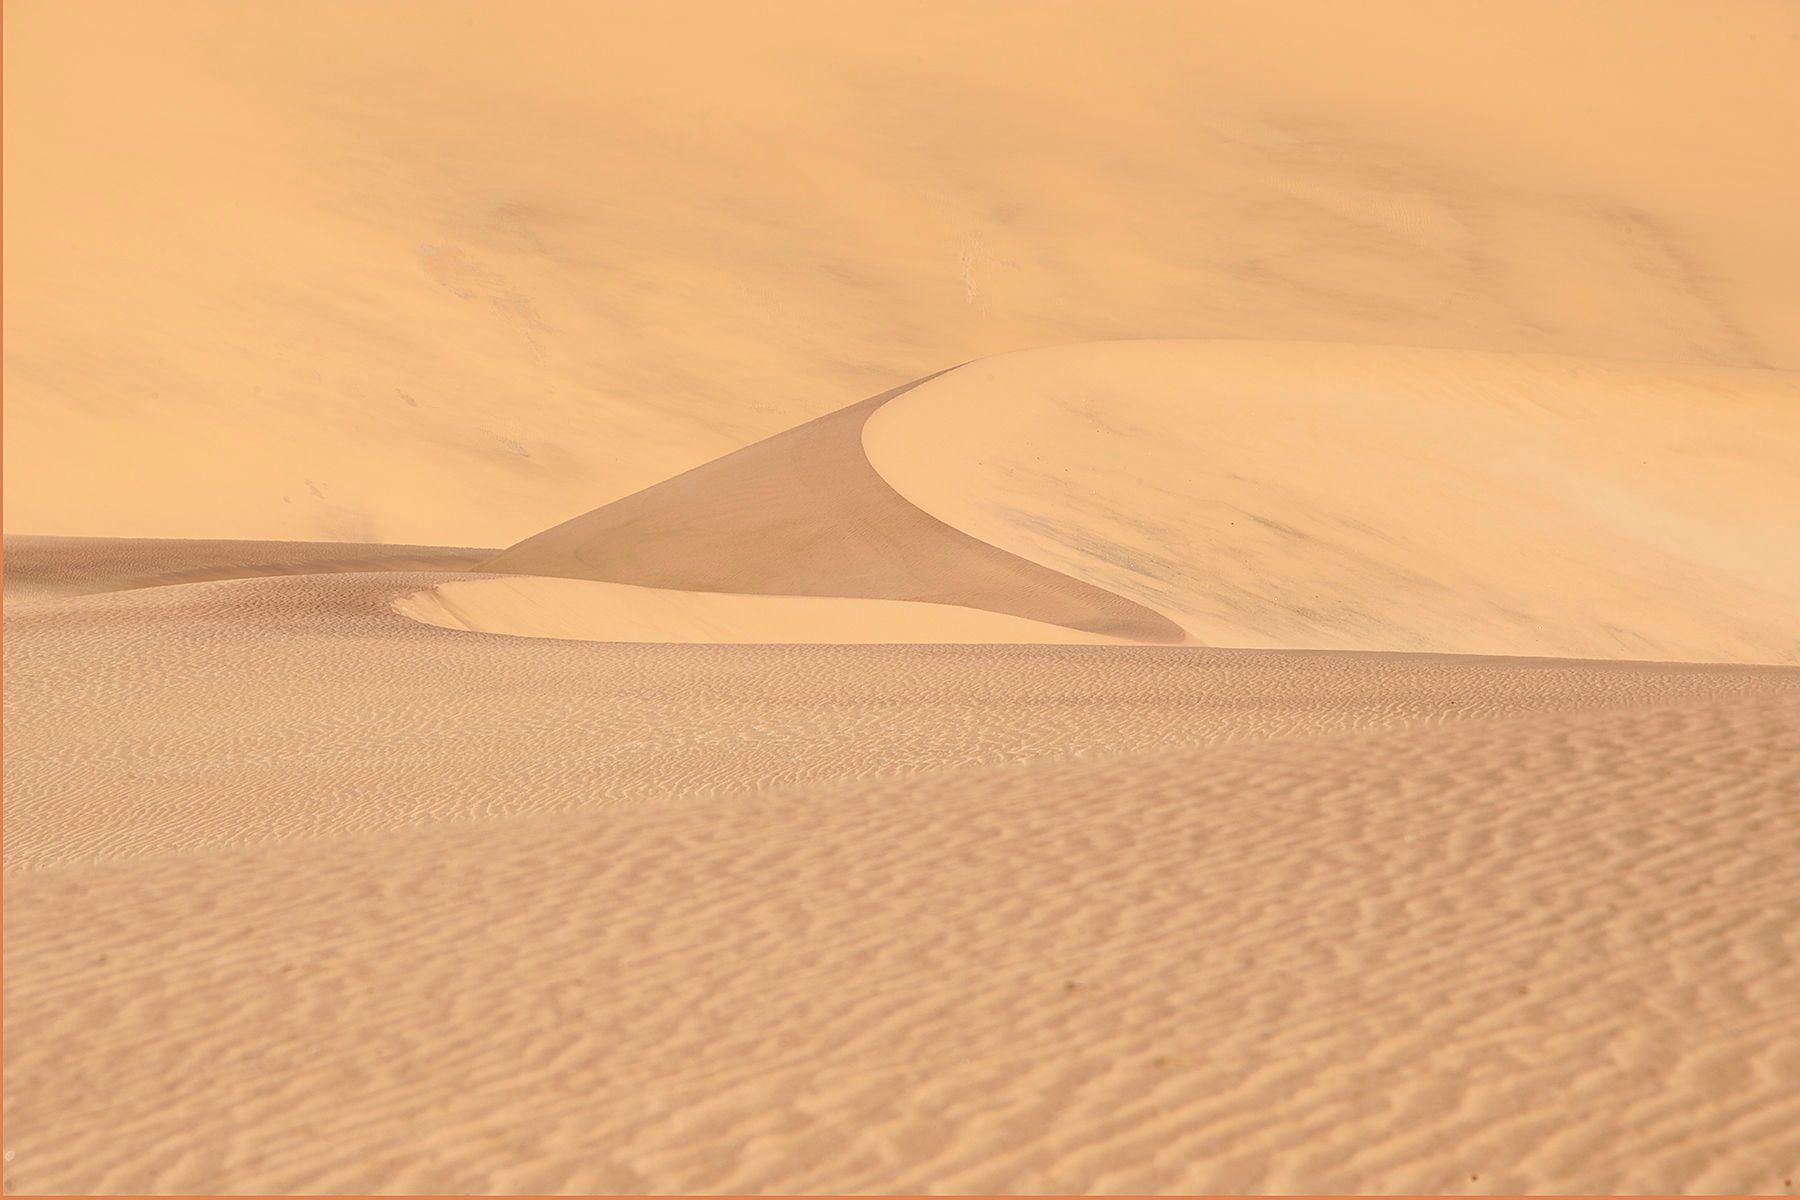 2_1dsc_5263_dune_near_dune7.jpg